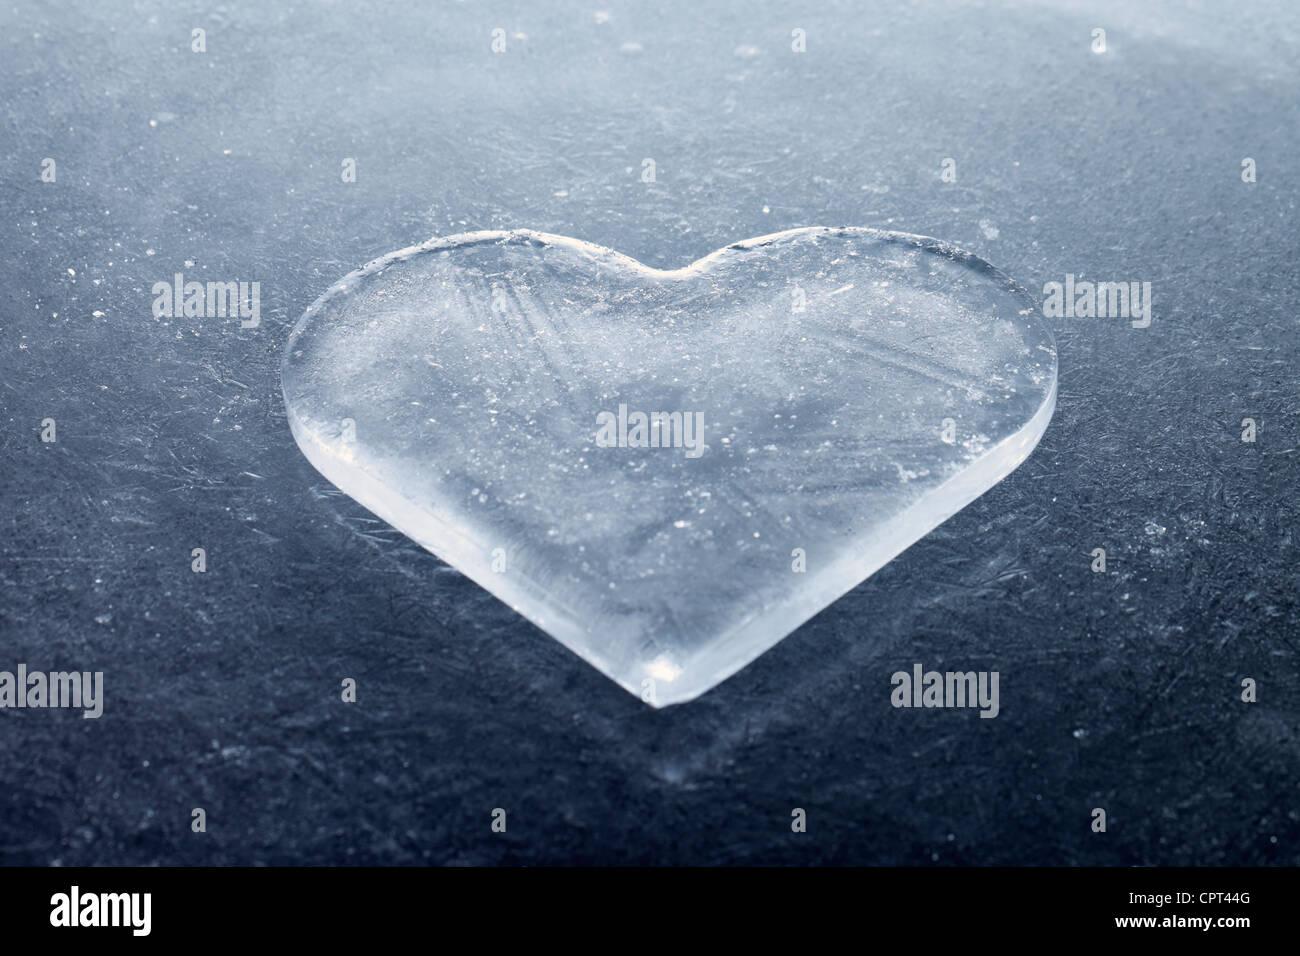 Ein Stück Eis wie ein Herz geformt. Stockbild